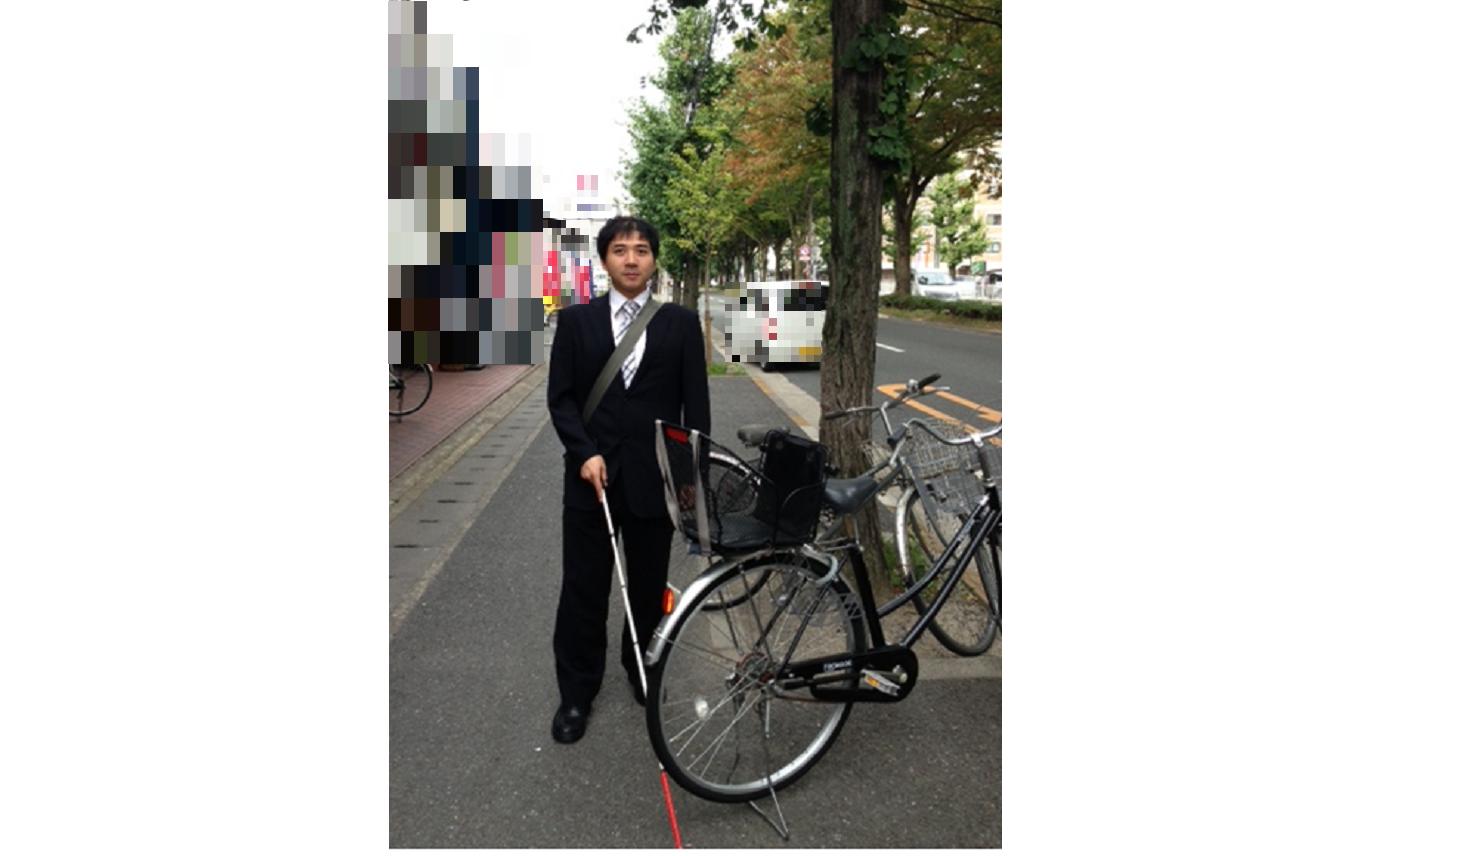 歩道に止めた自転車で通りづらい様子の視覚障がい者